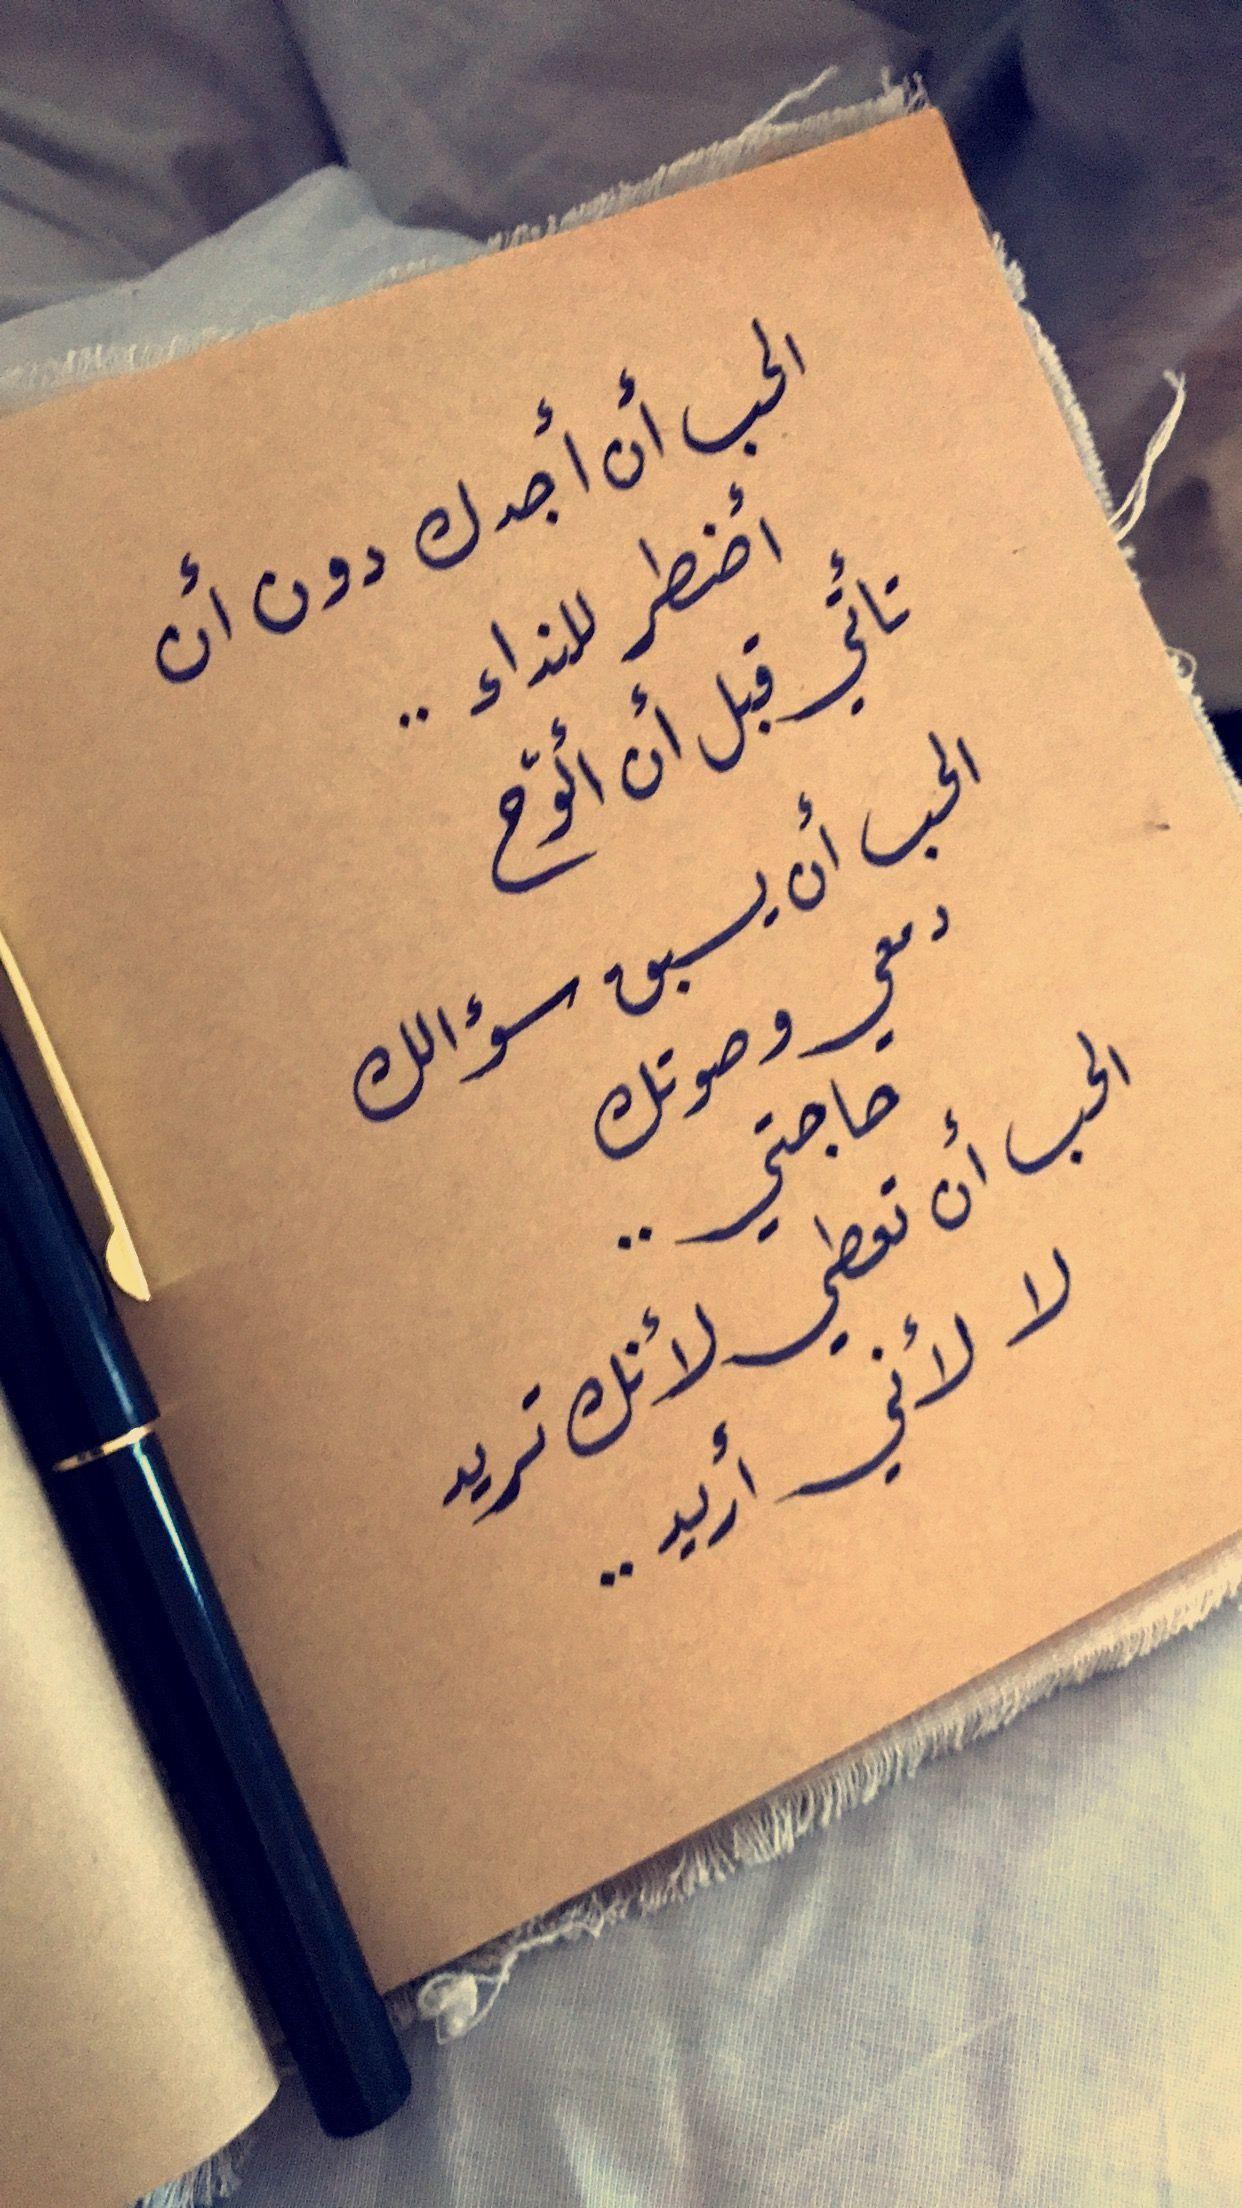 كلمات مميزة